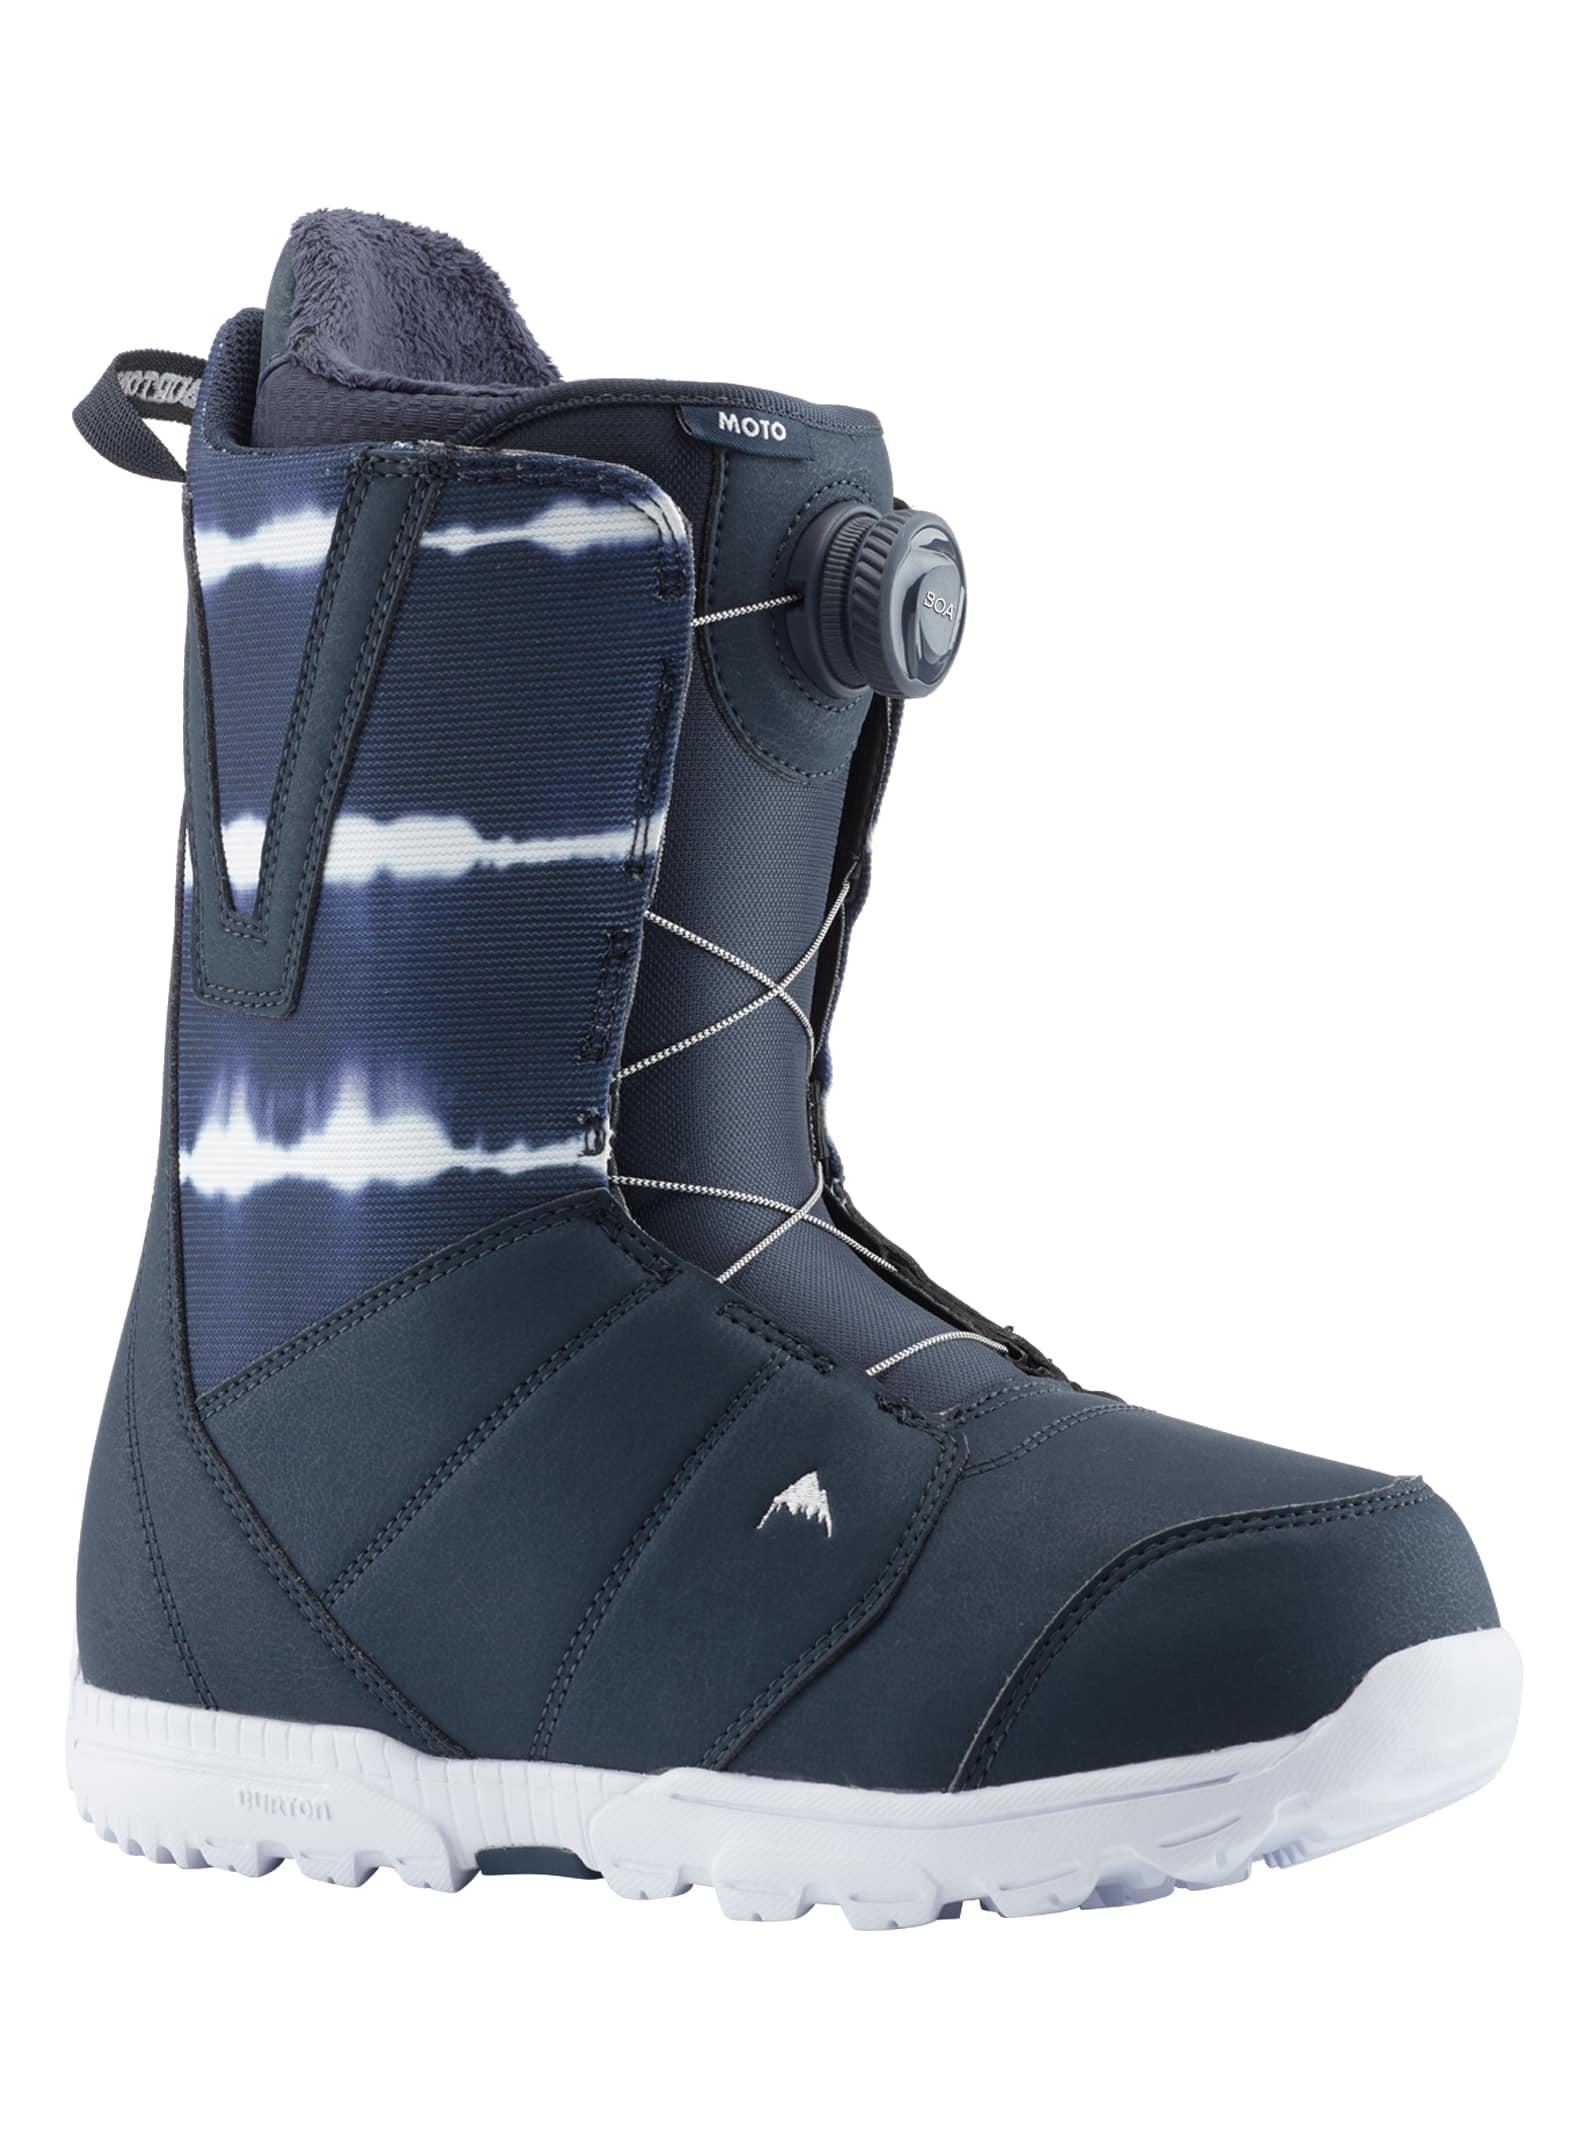 a90c457fd3e Men s Snowboard Boots